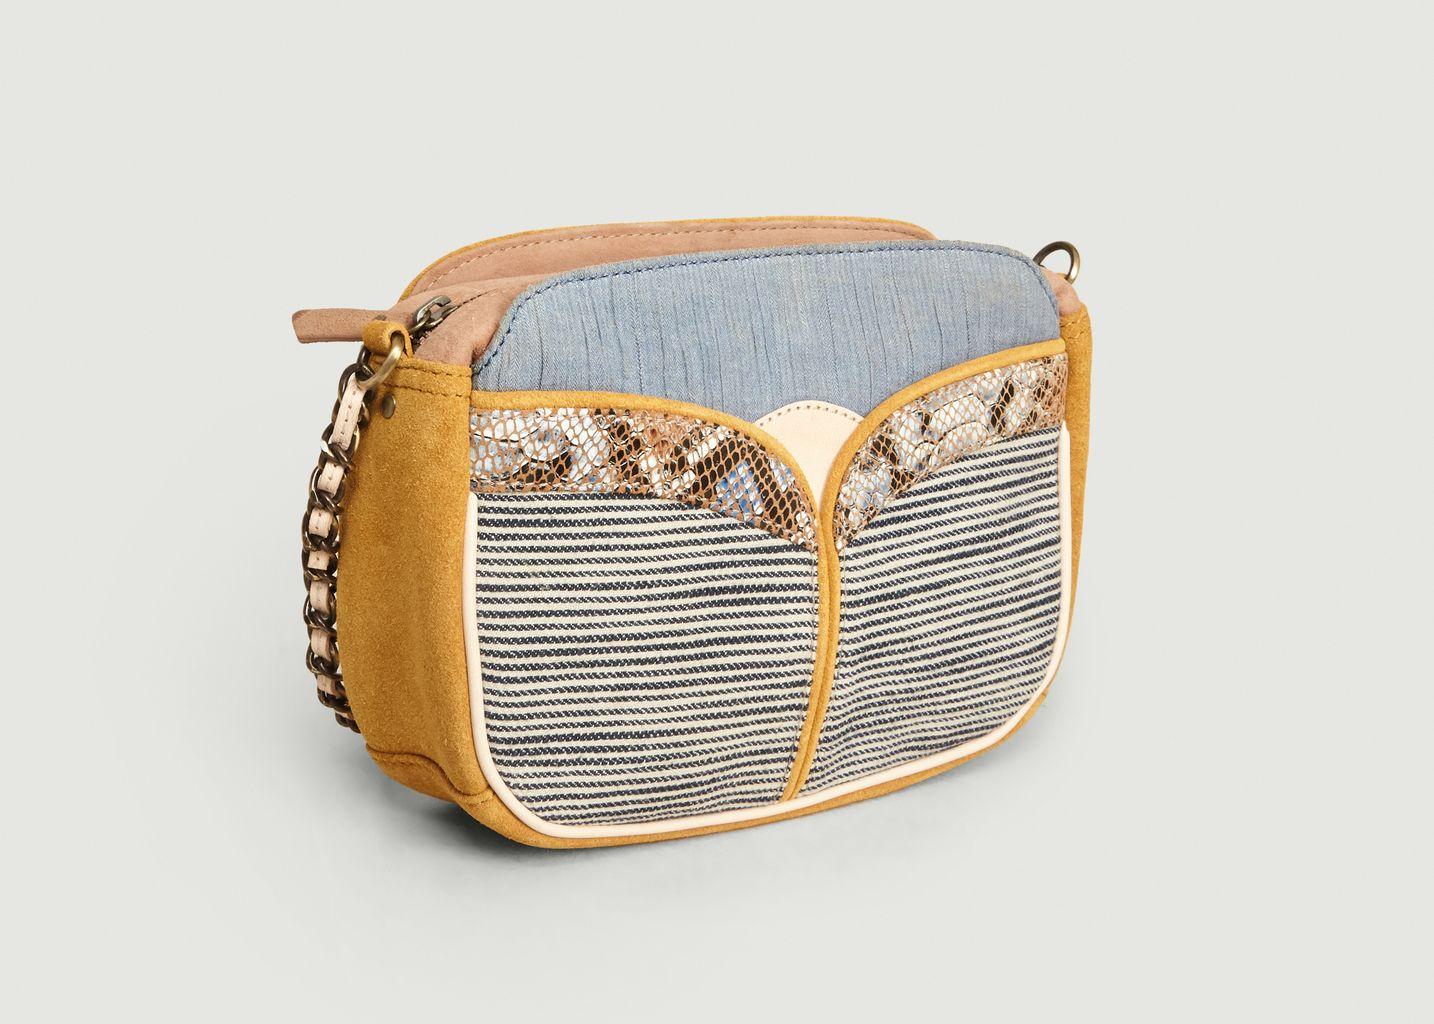 Sac en cuir suédé et textile Divine Stripes - Sessun